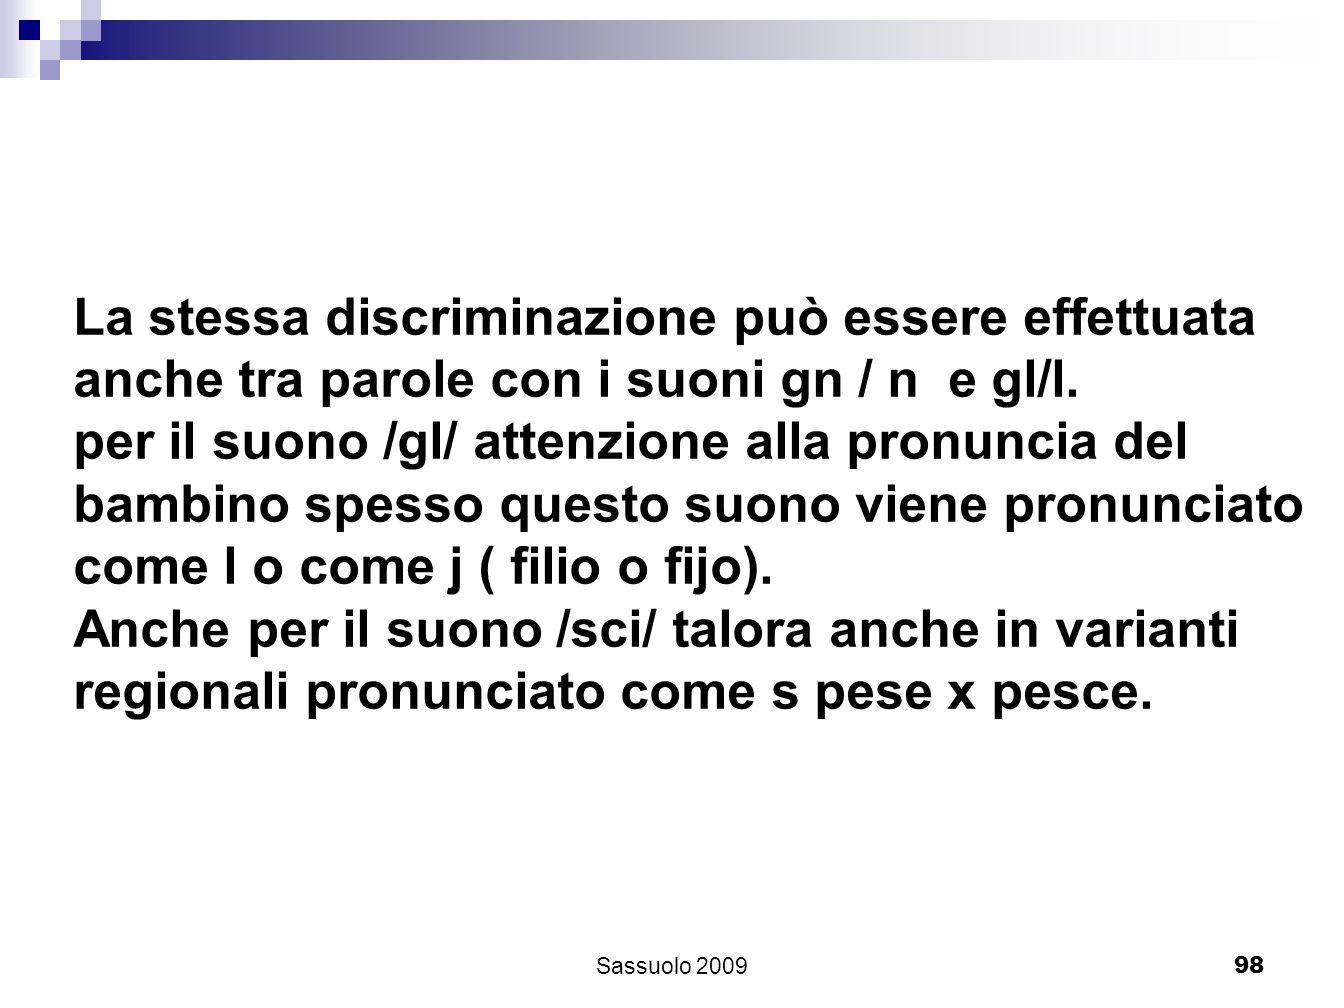 98 La stessa discriminazione può essere effettuata anche tra parole con i suoni gn / n e gl/l. per il suono /gl/ attenzione alla pronuncia del bambino